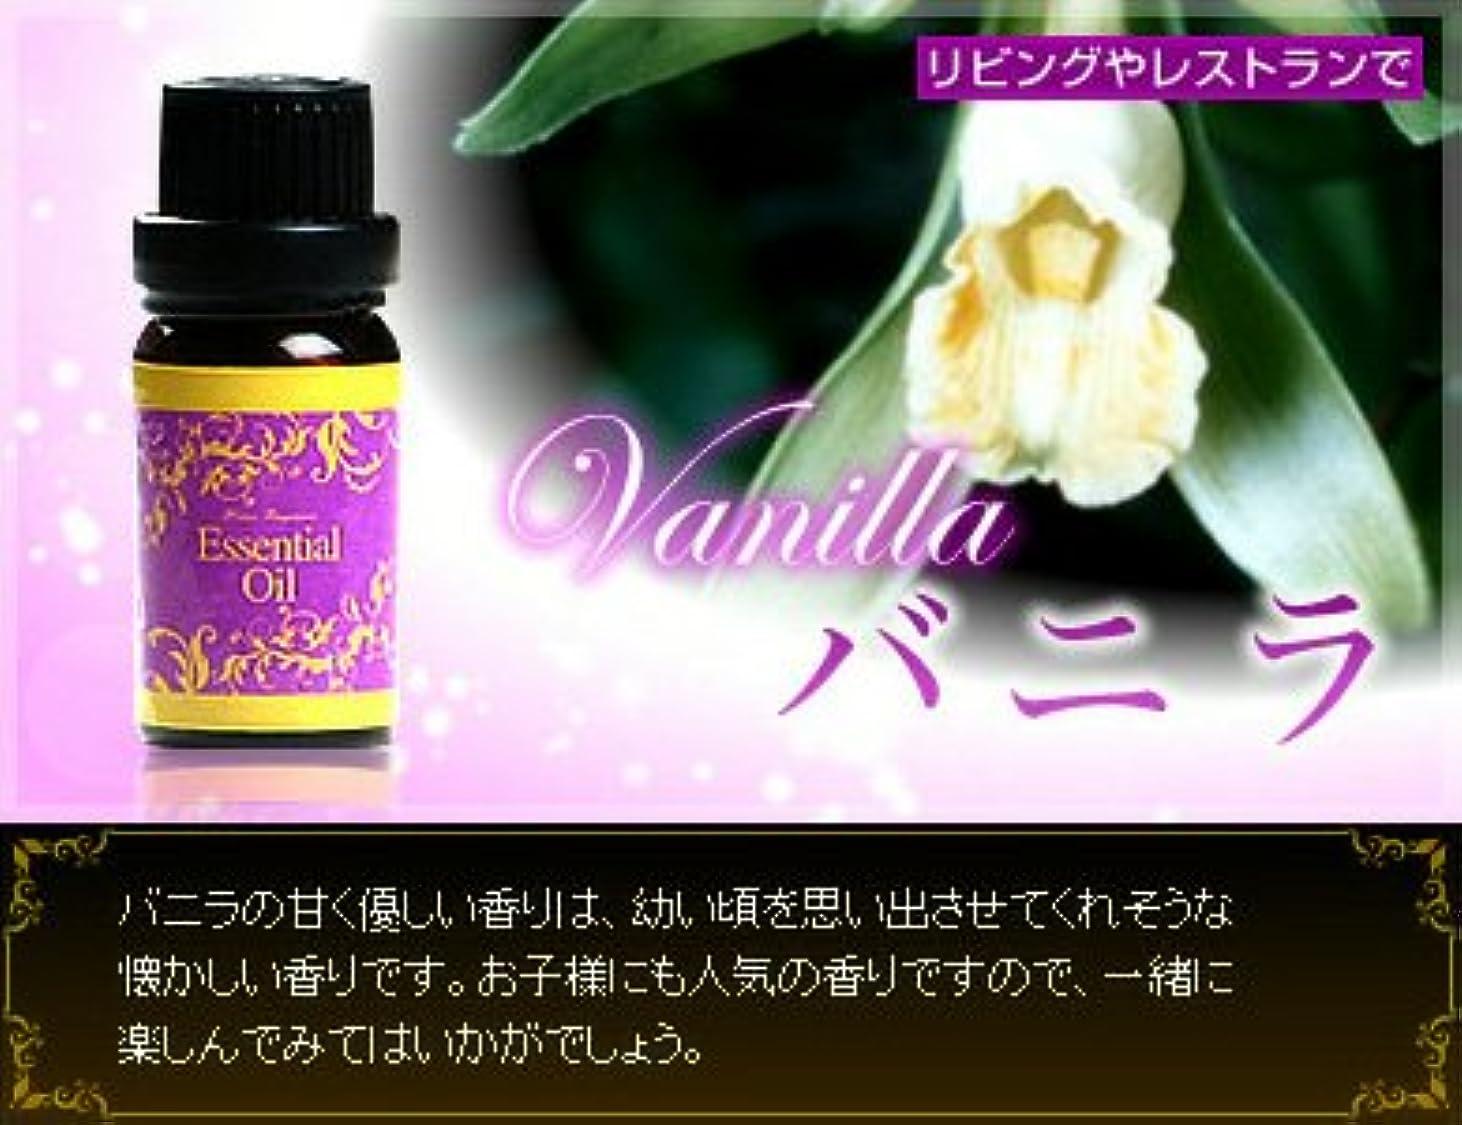 大いに収まる排泄物エッセンシャルオイル10ml (バニラ)